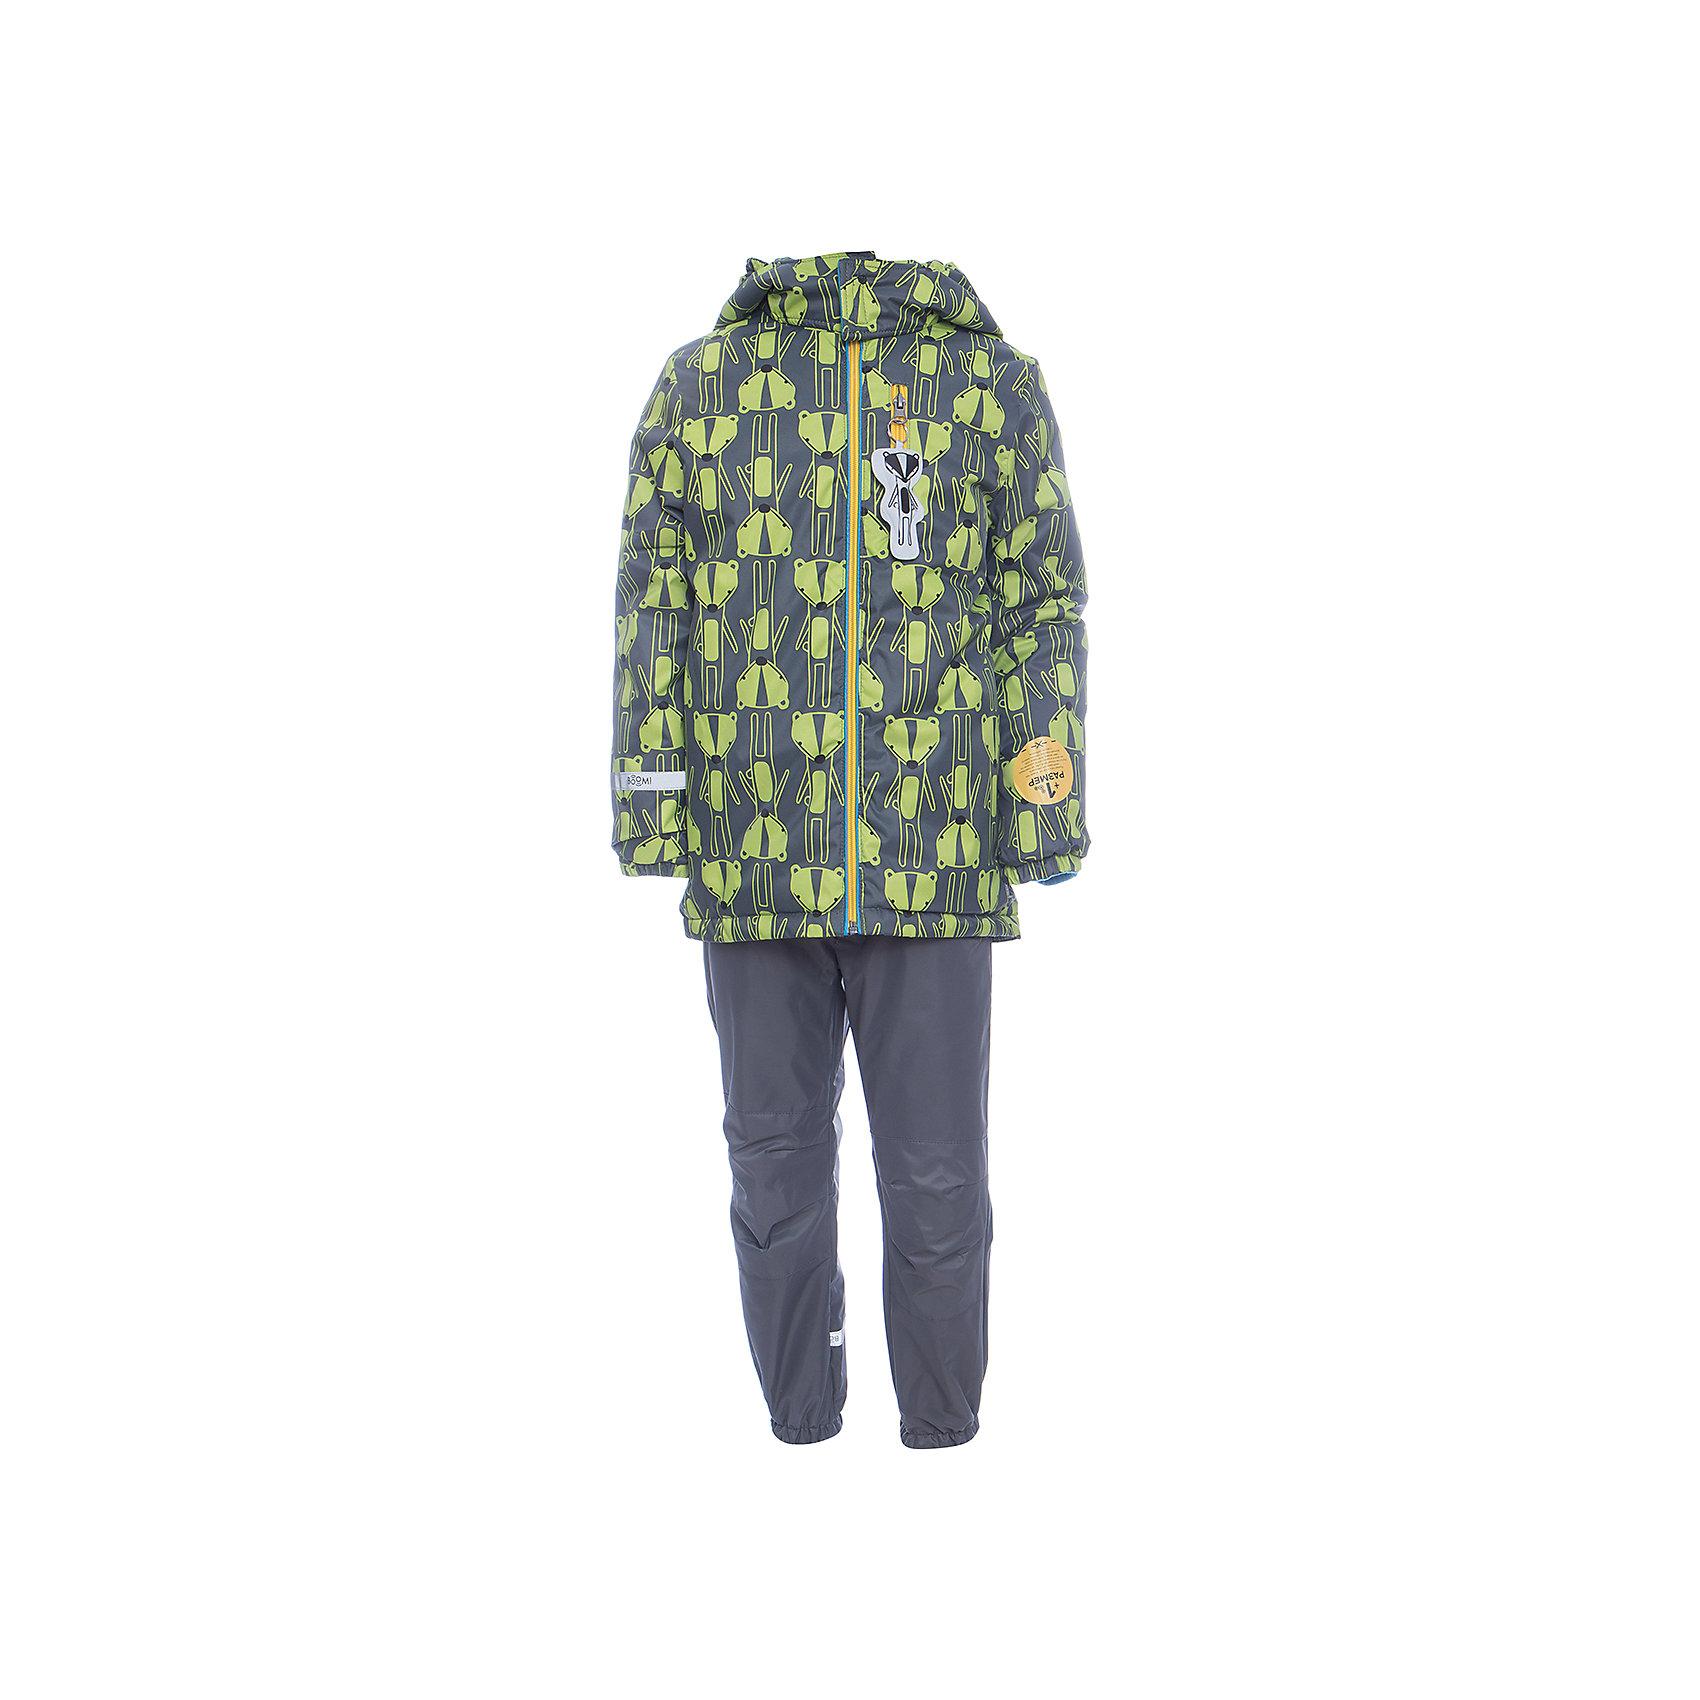 Комплект: куртка и брюки BOOM by Orby для мальчикаВерхняя одежда<br>Характеристики товара:<br><br>• цвет: серый<br>• ткань верха: Нейлон с мембранным покрытием 3000х3000<br>• подкладка: куртка - Поларфлис; ПЭ пуходержащий, брюки - Поларфлис<br>• утеплитель: куртка - Flexy Fiber 150 г/м2<br>• сезон: демисезон<br>• температурный режим: от +10°до -5°С<br>• особенности куртки: на молнии, со светоотражающими элементами<br>• особенности брюк: на резинке<br>• капюшон: без меха<br>• страна бренда: Россия<br>• страна изготовитель: Россия<br><br>Мембранный детский комплект - куртка и брюки - защитит ребенка от сырости в дождливую погоду и согреют в небольшой мороз. Удобный и модный комплект для мальчика позволит обеспечить ребенку комфорт в демисезон. <br><br>Комплект: куртка и брюки BOOM by Orby для мальчика можно купить в нашем интернет-магазине.<br><br>Ширина мм: 356<br>Глубина мм: 10<br>Высота мм: 245<br>Вес г: 519<br>Цвет: серый<br>Возраст от месяцев: 12<br>Возраст до месяцев: 18<br>Пол: Мужской<br>Возраст: Детский<br>Размер: 86,92,98,110,116,122,104<br>SKU: 7007358